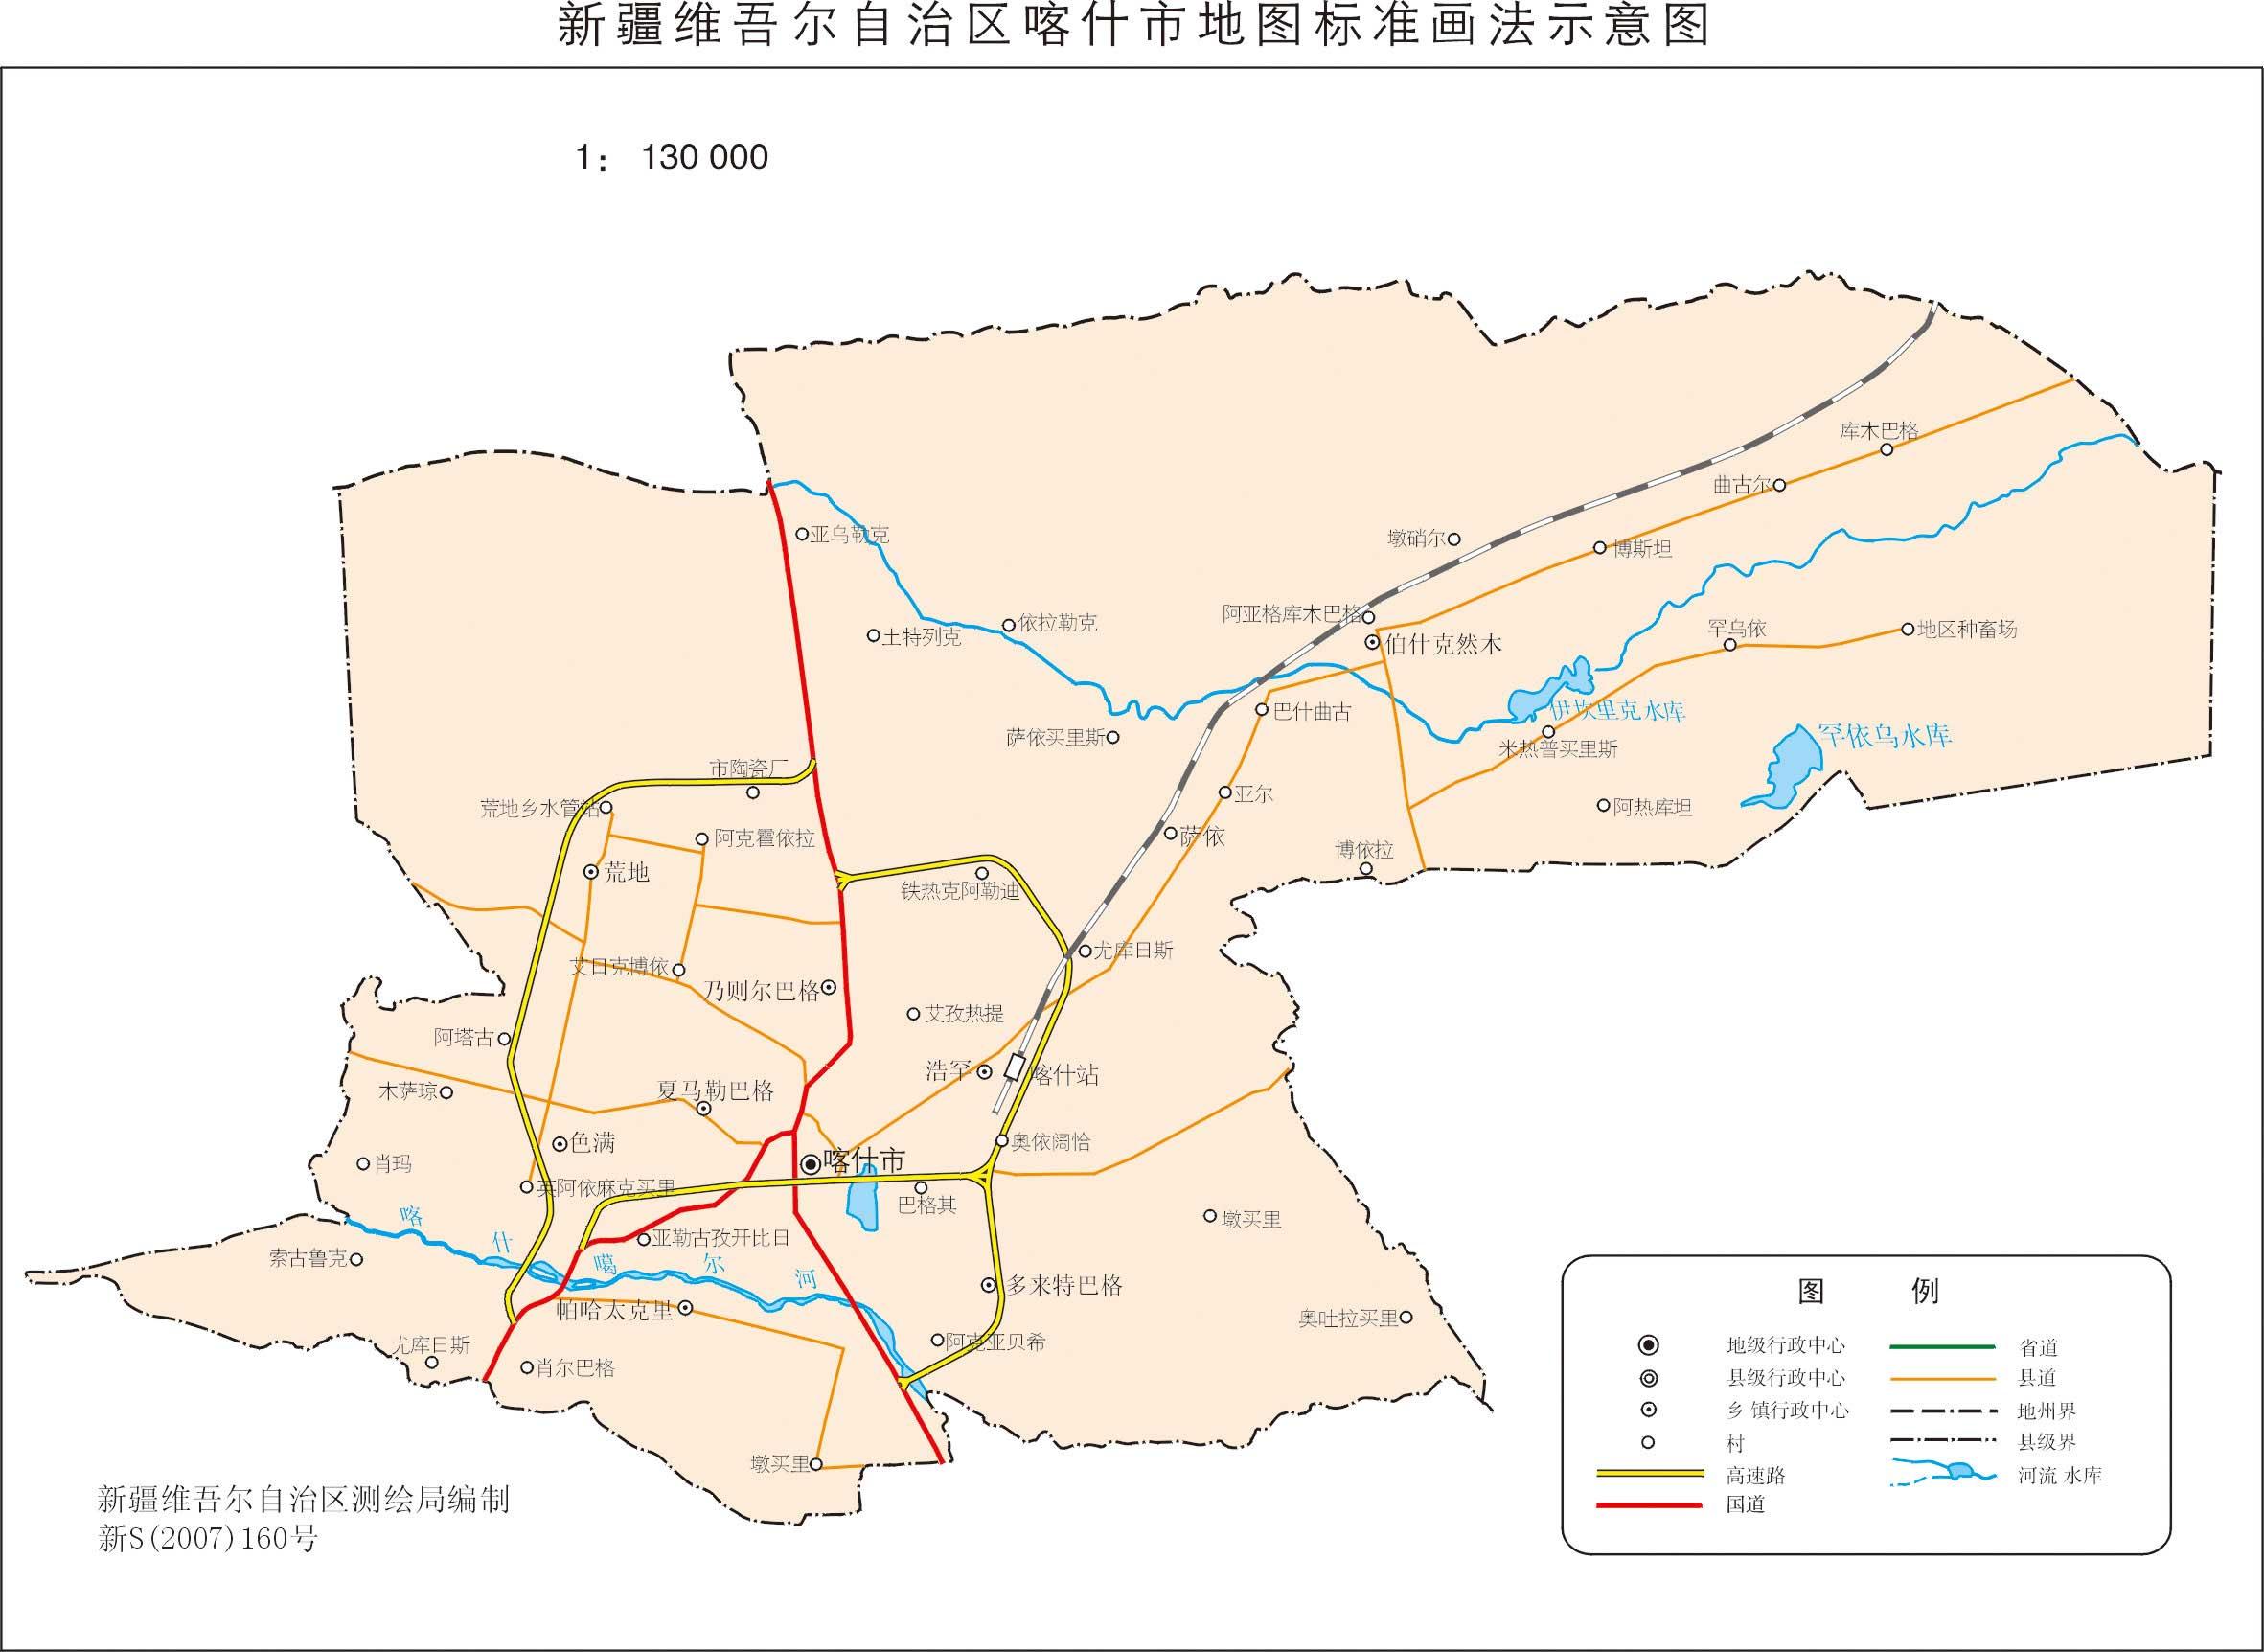 新疆喀什市地图_新疆旅行网手机版